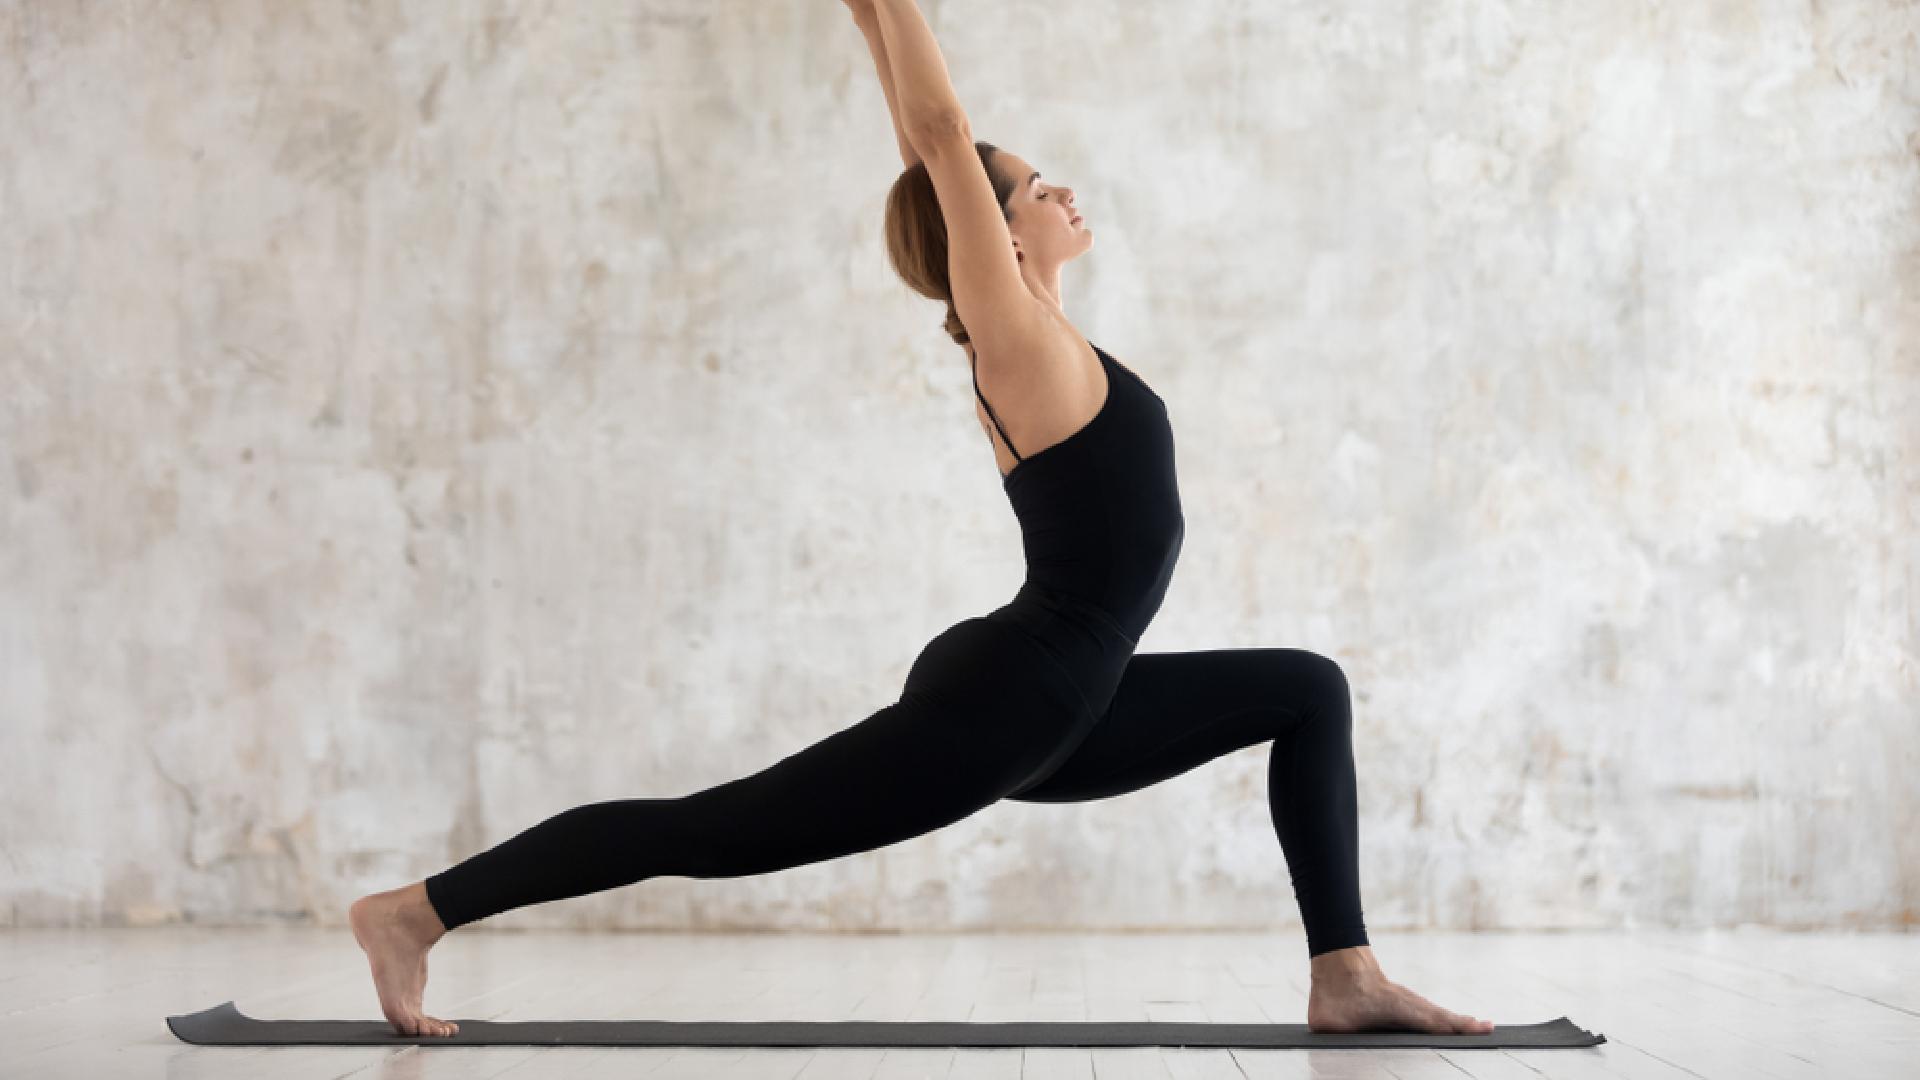 Entenda a importância da yoga em uma rotina estressante (Imagem: Reprodução/Shutterstock)